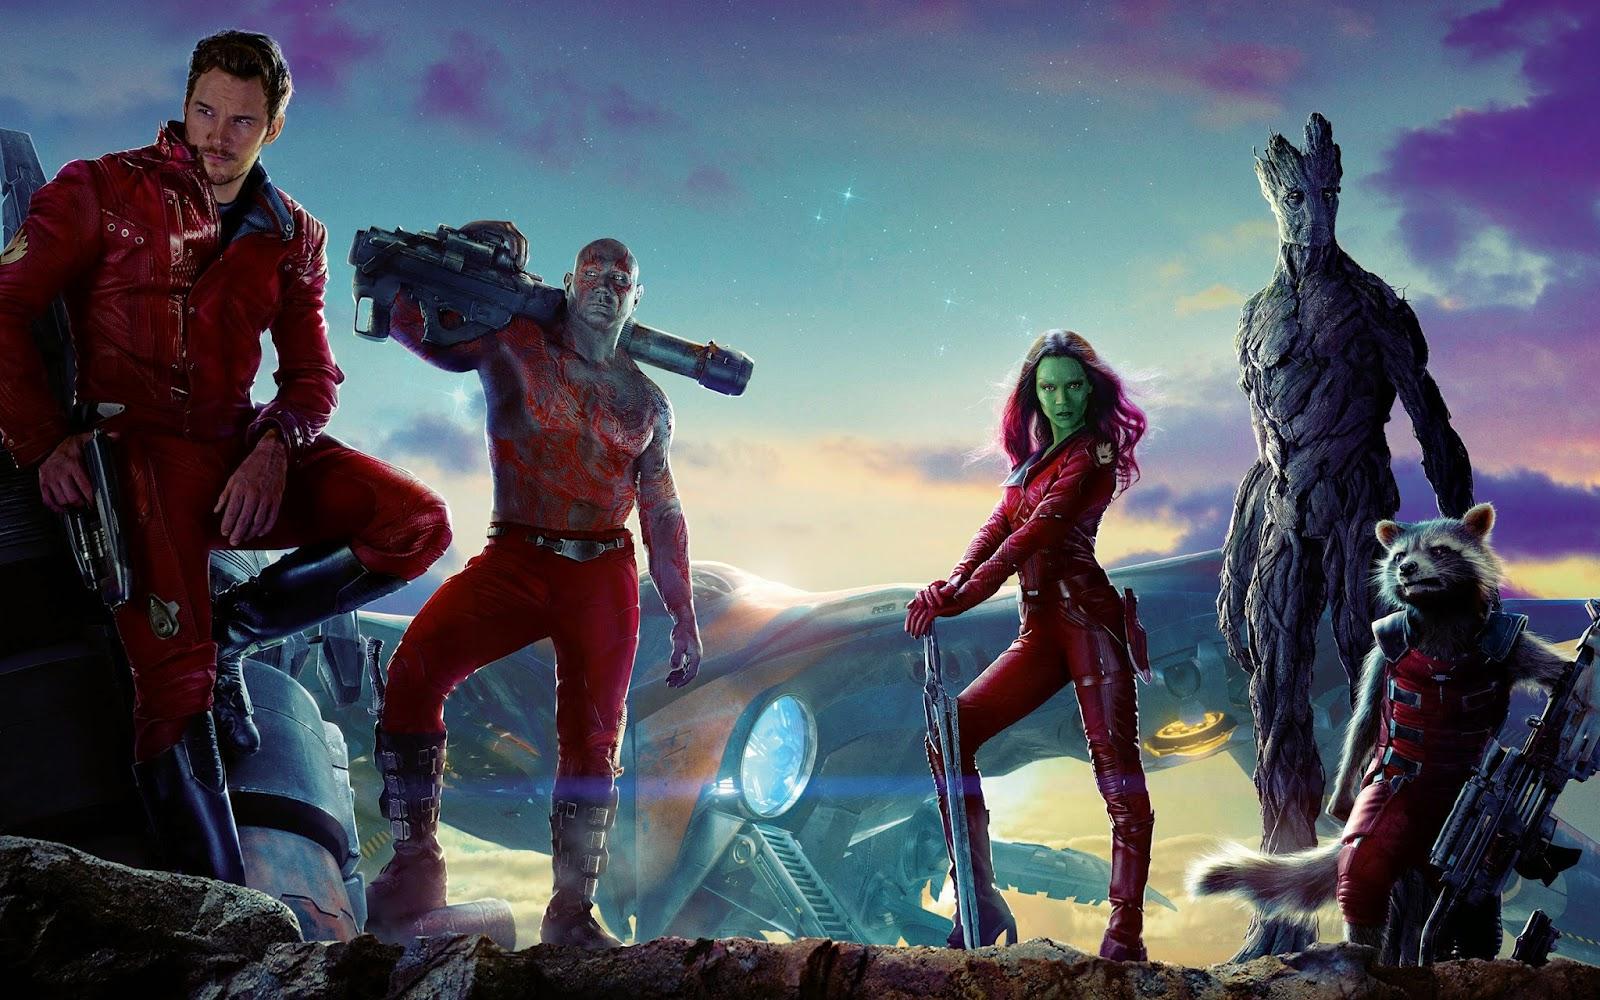 ดูหนัง Guardians of the Galaxy - รวมพันธุ์นักสู้พิทักษ์จักรวาล ชนโรง